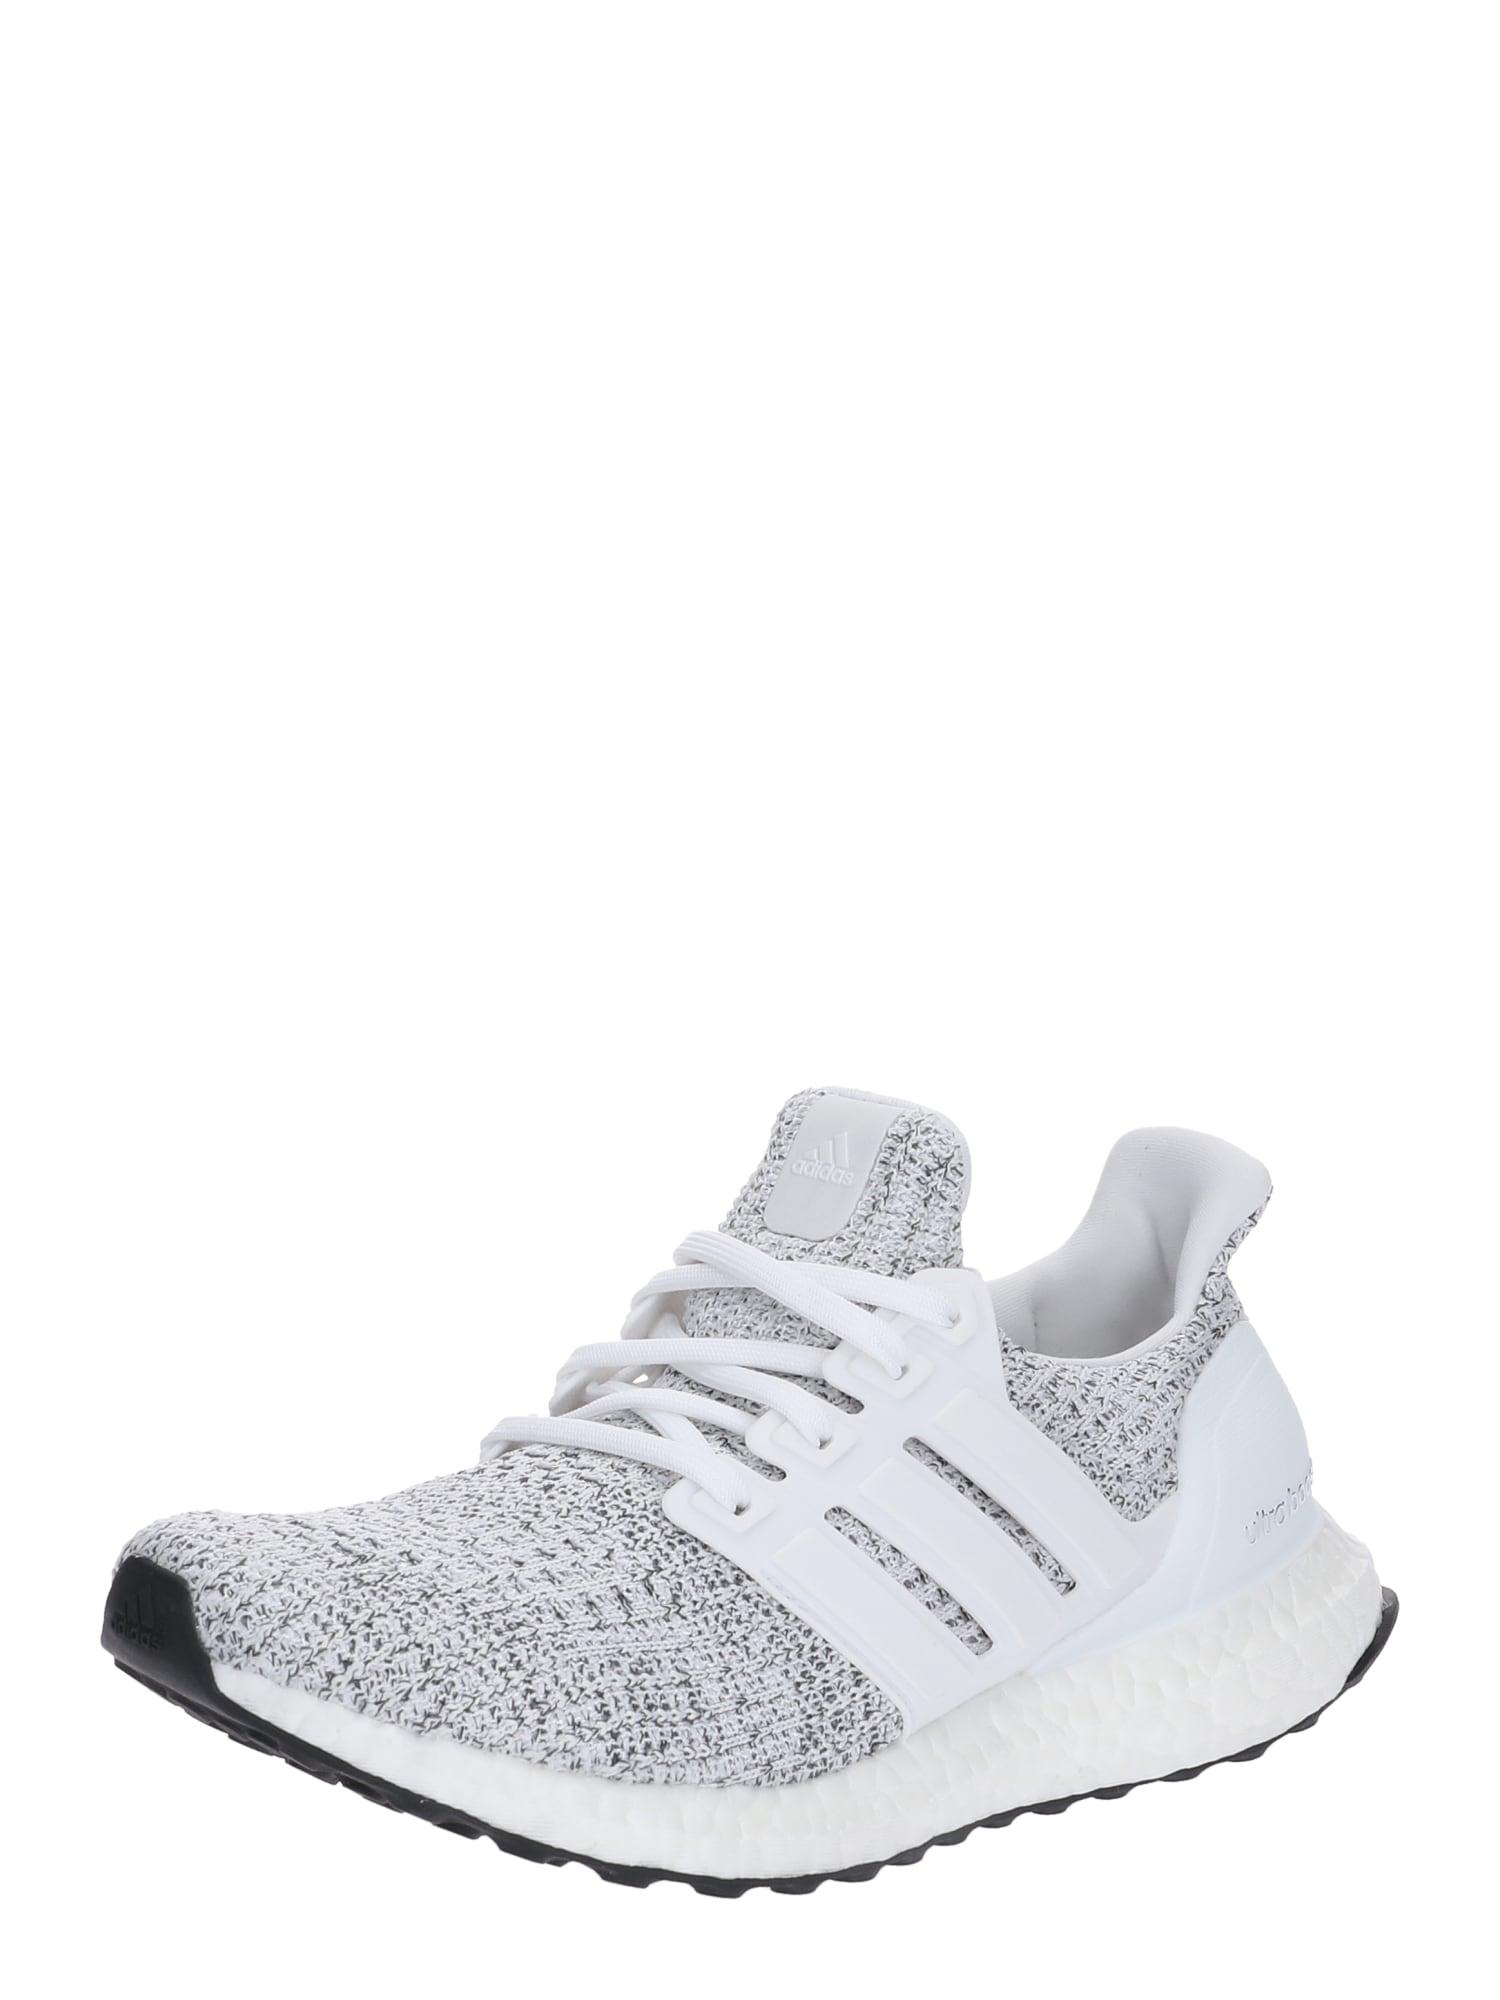 Běžecká obuv UltraBOOST Uncaged světle šedá bílá ADIDAS PERFORMANCE